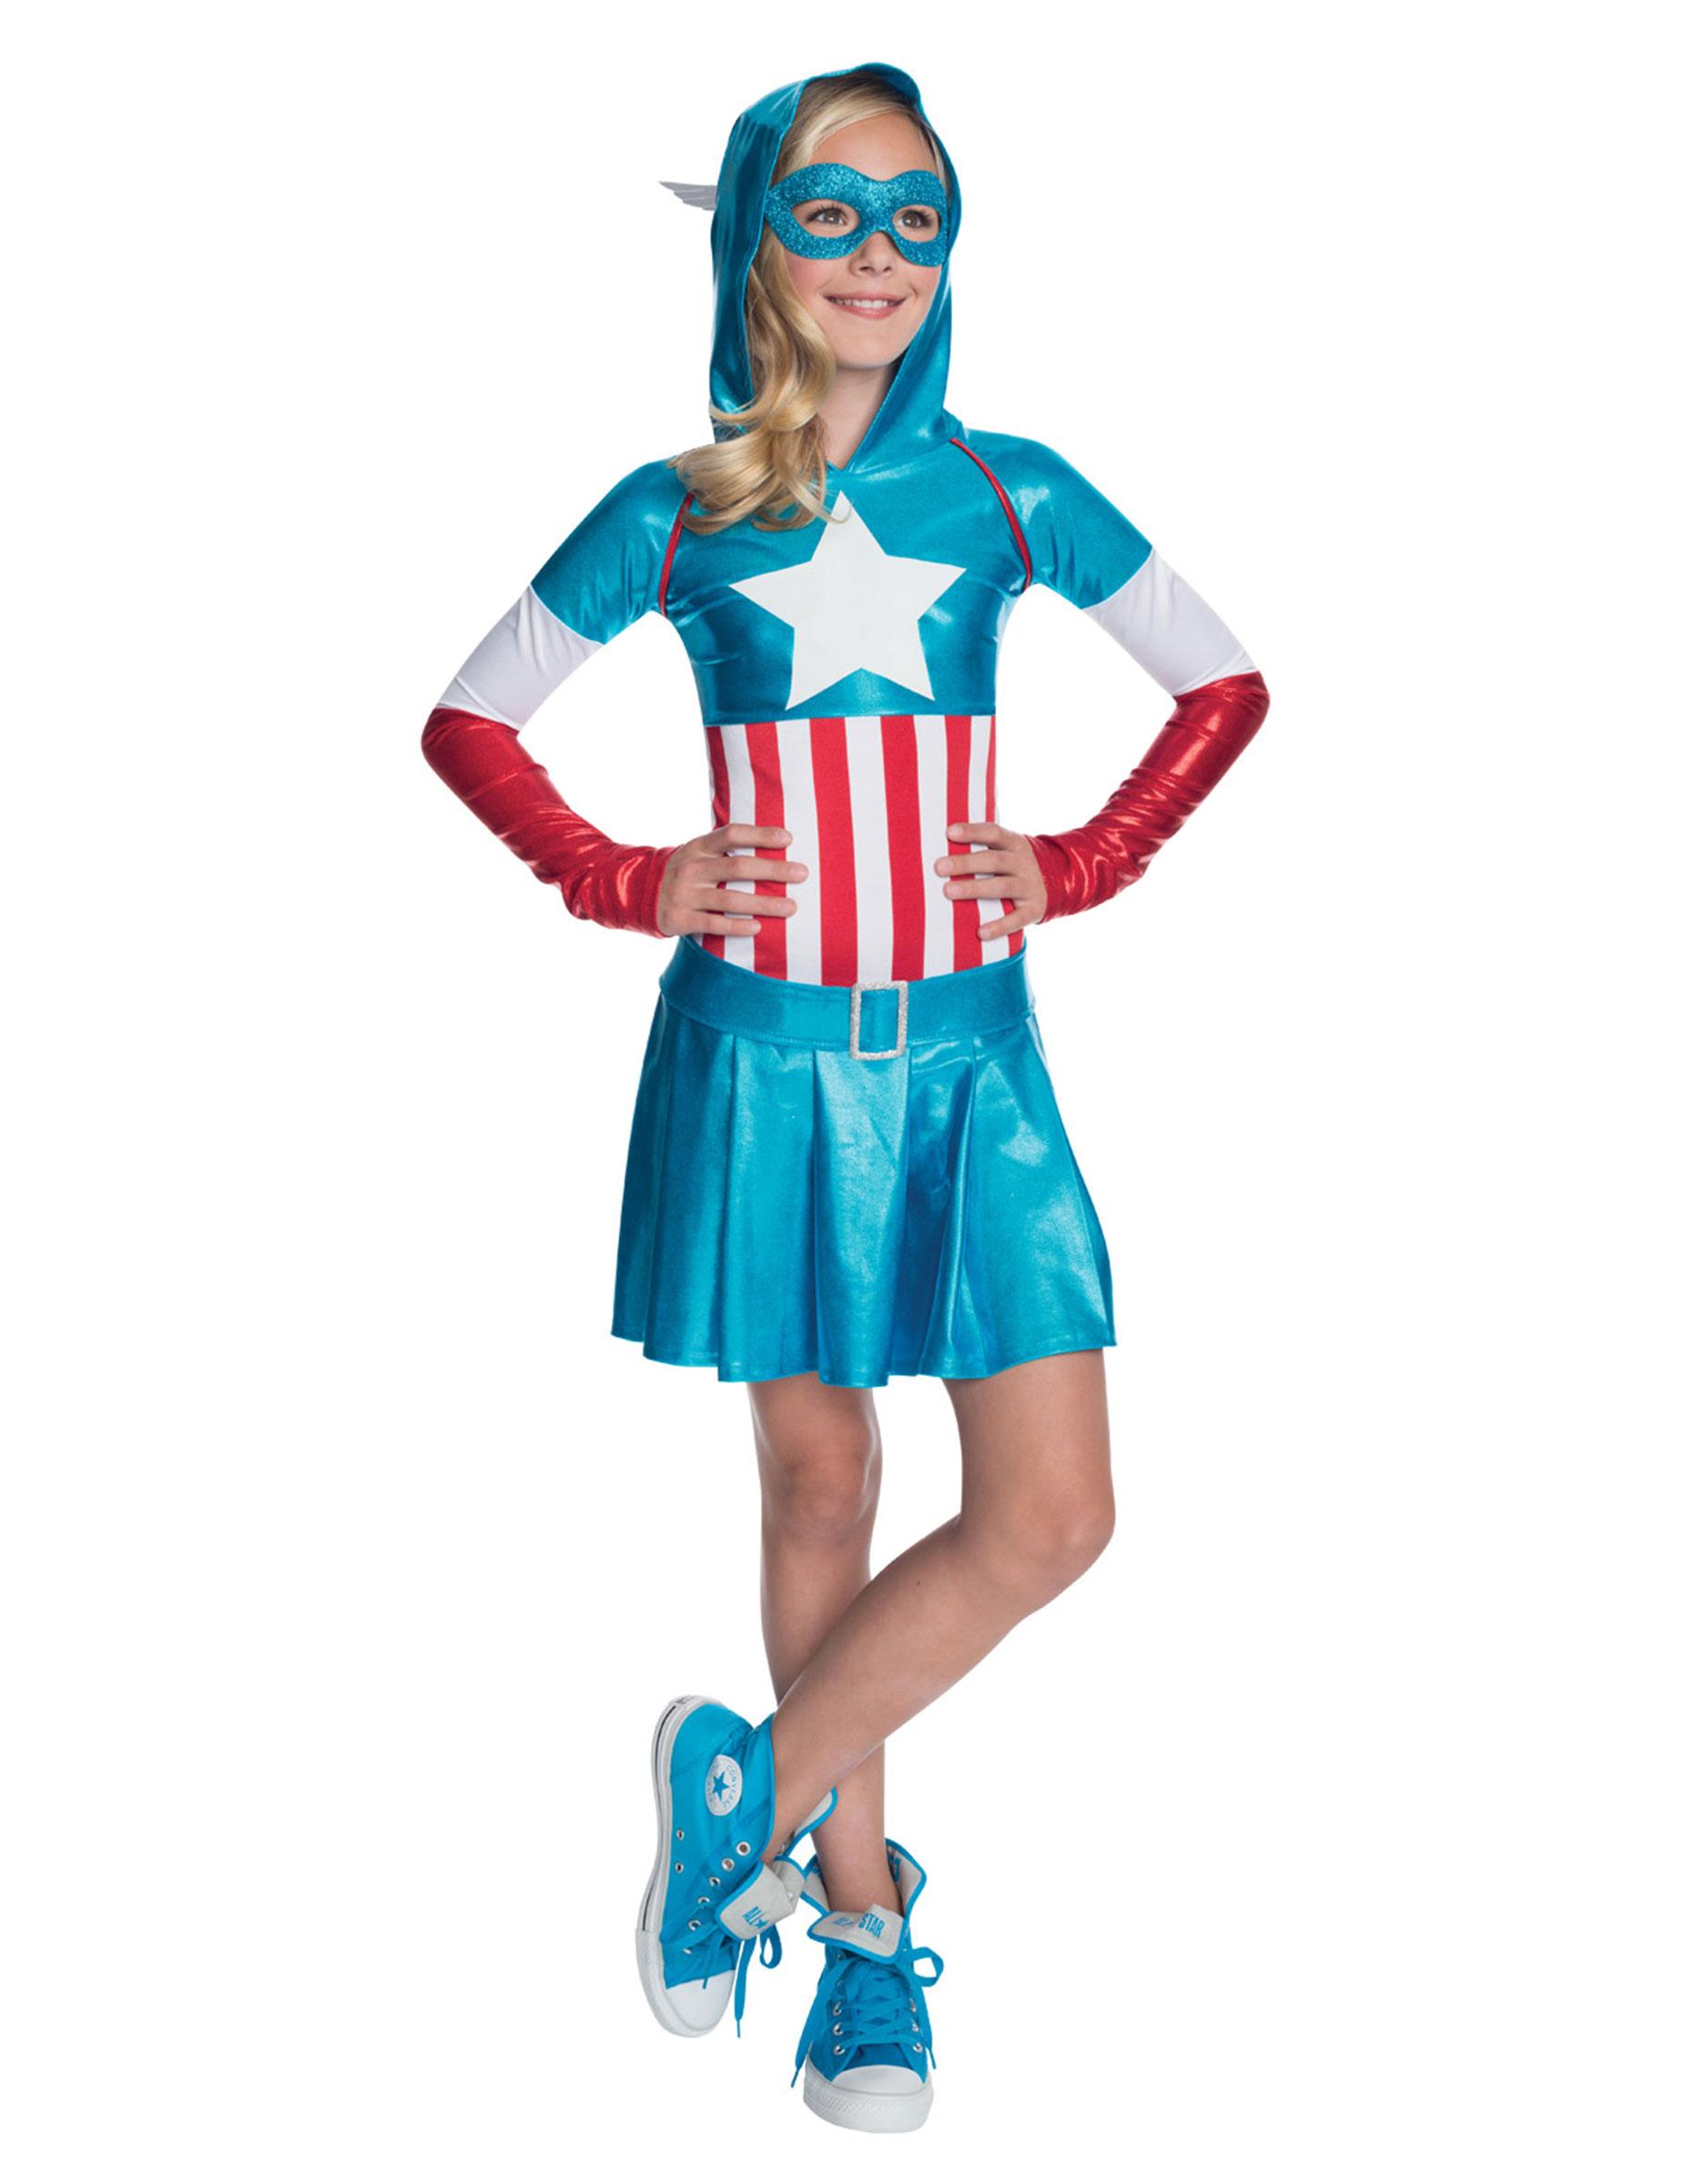 D guisement m tallique captain america fille deguise toi achat de d guisements enfants - Captain america fille ...